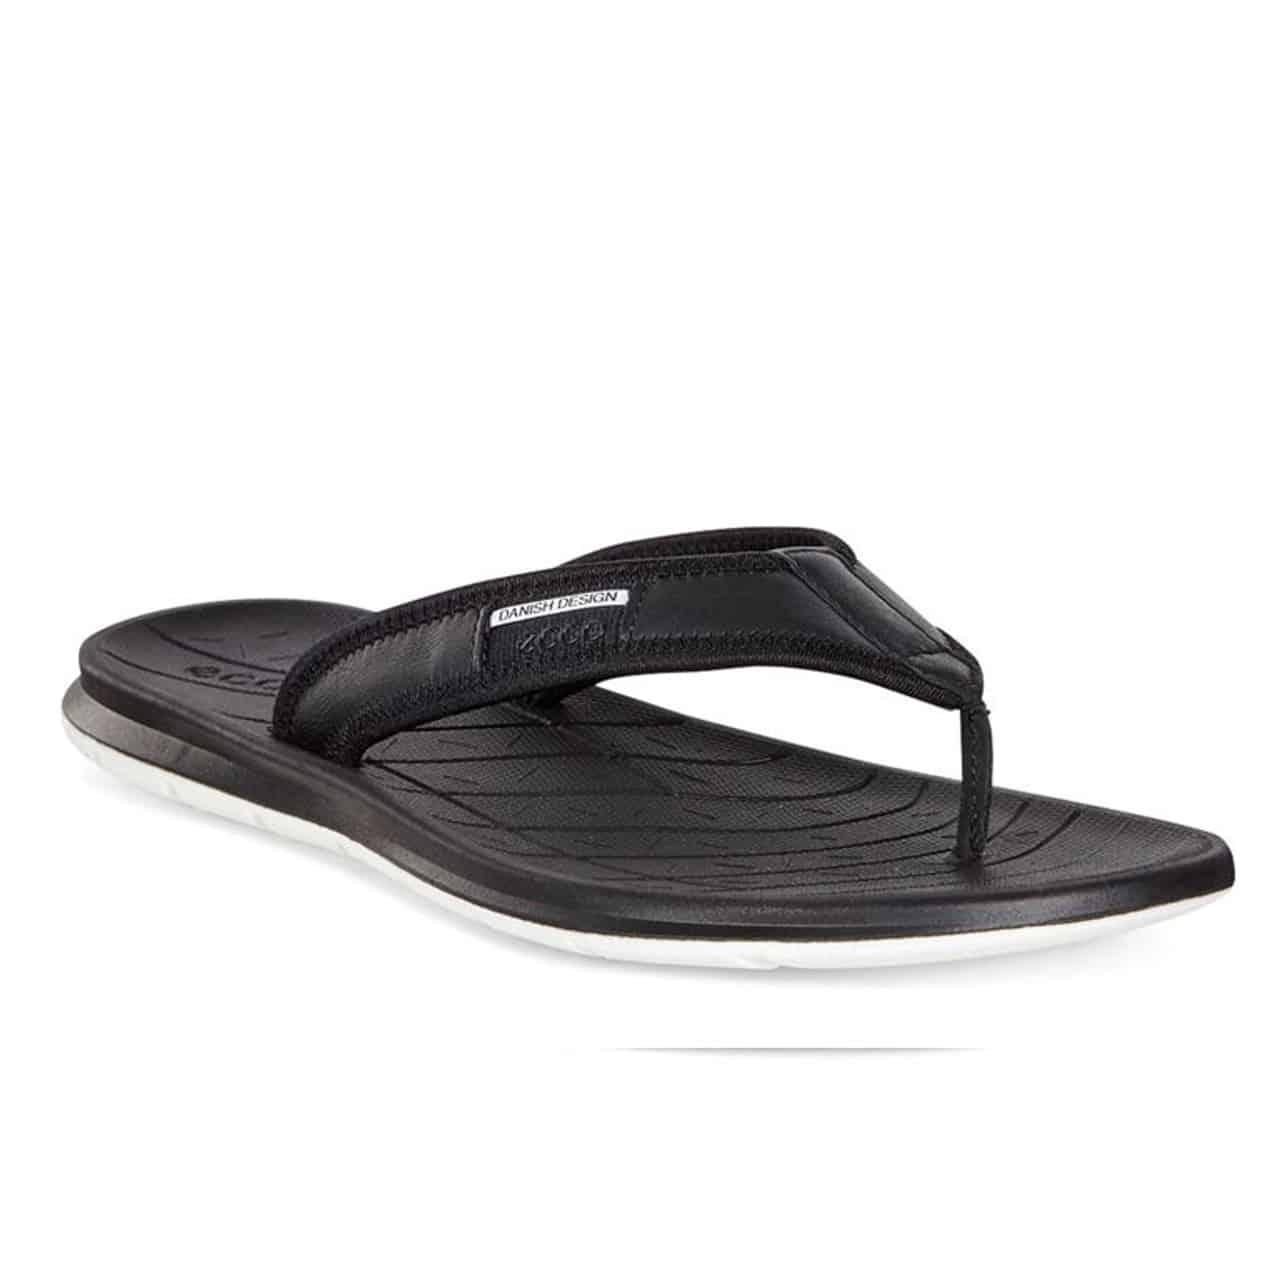 4a489cc13 ECCO INTRINSIC TOFFEL - 121 Shoes